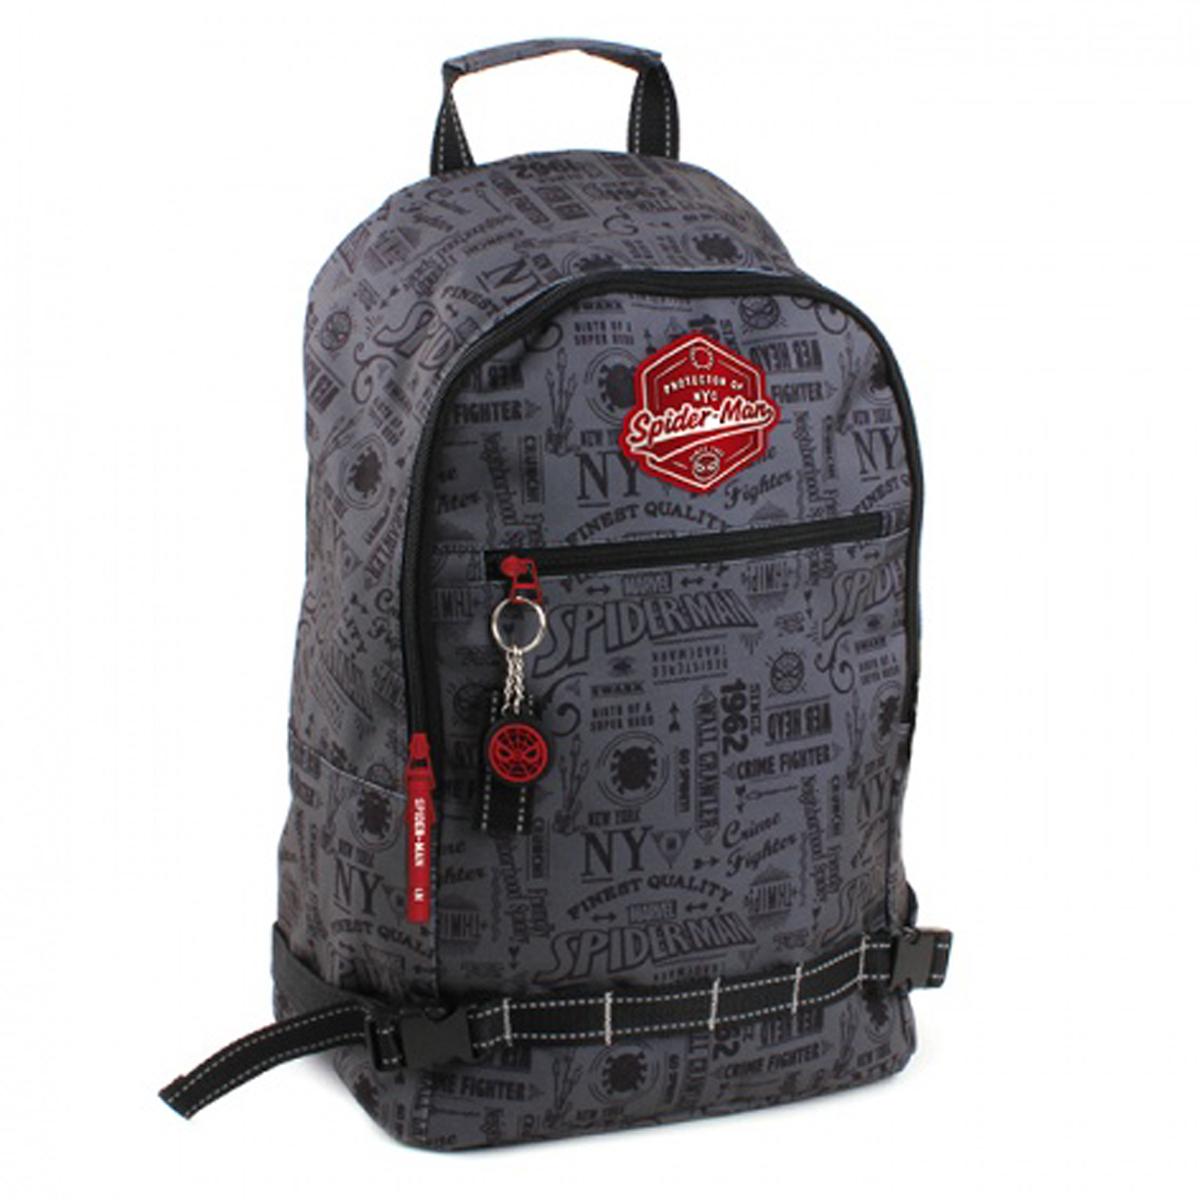 Grand sac à dos créateur \'Spiderman\' gris - 45x30x15 cm - [Q4090]